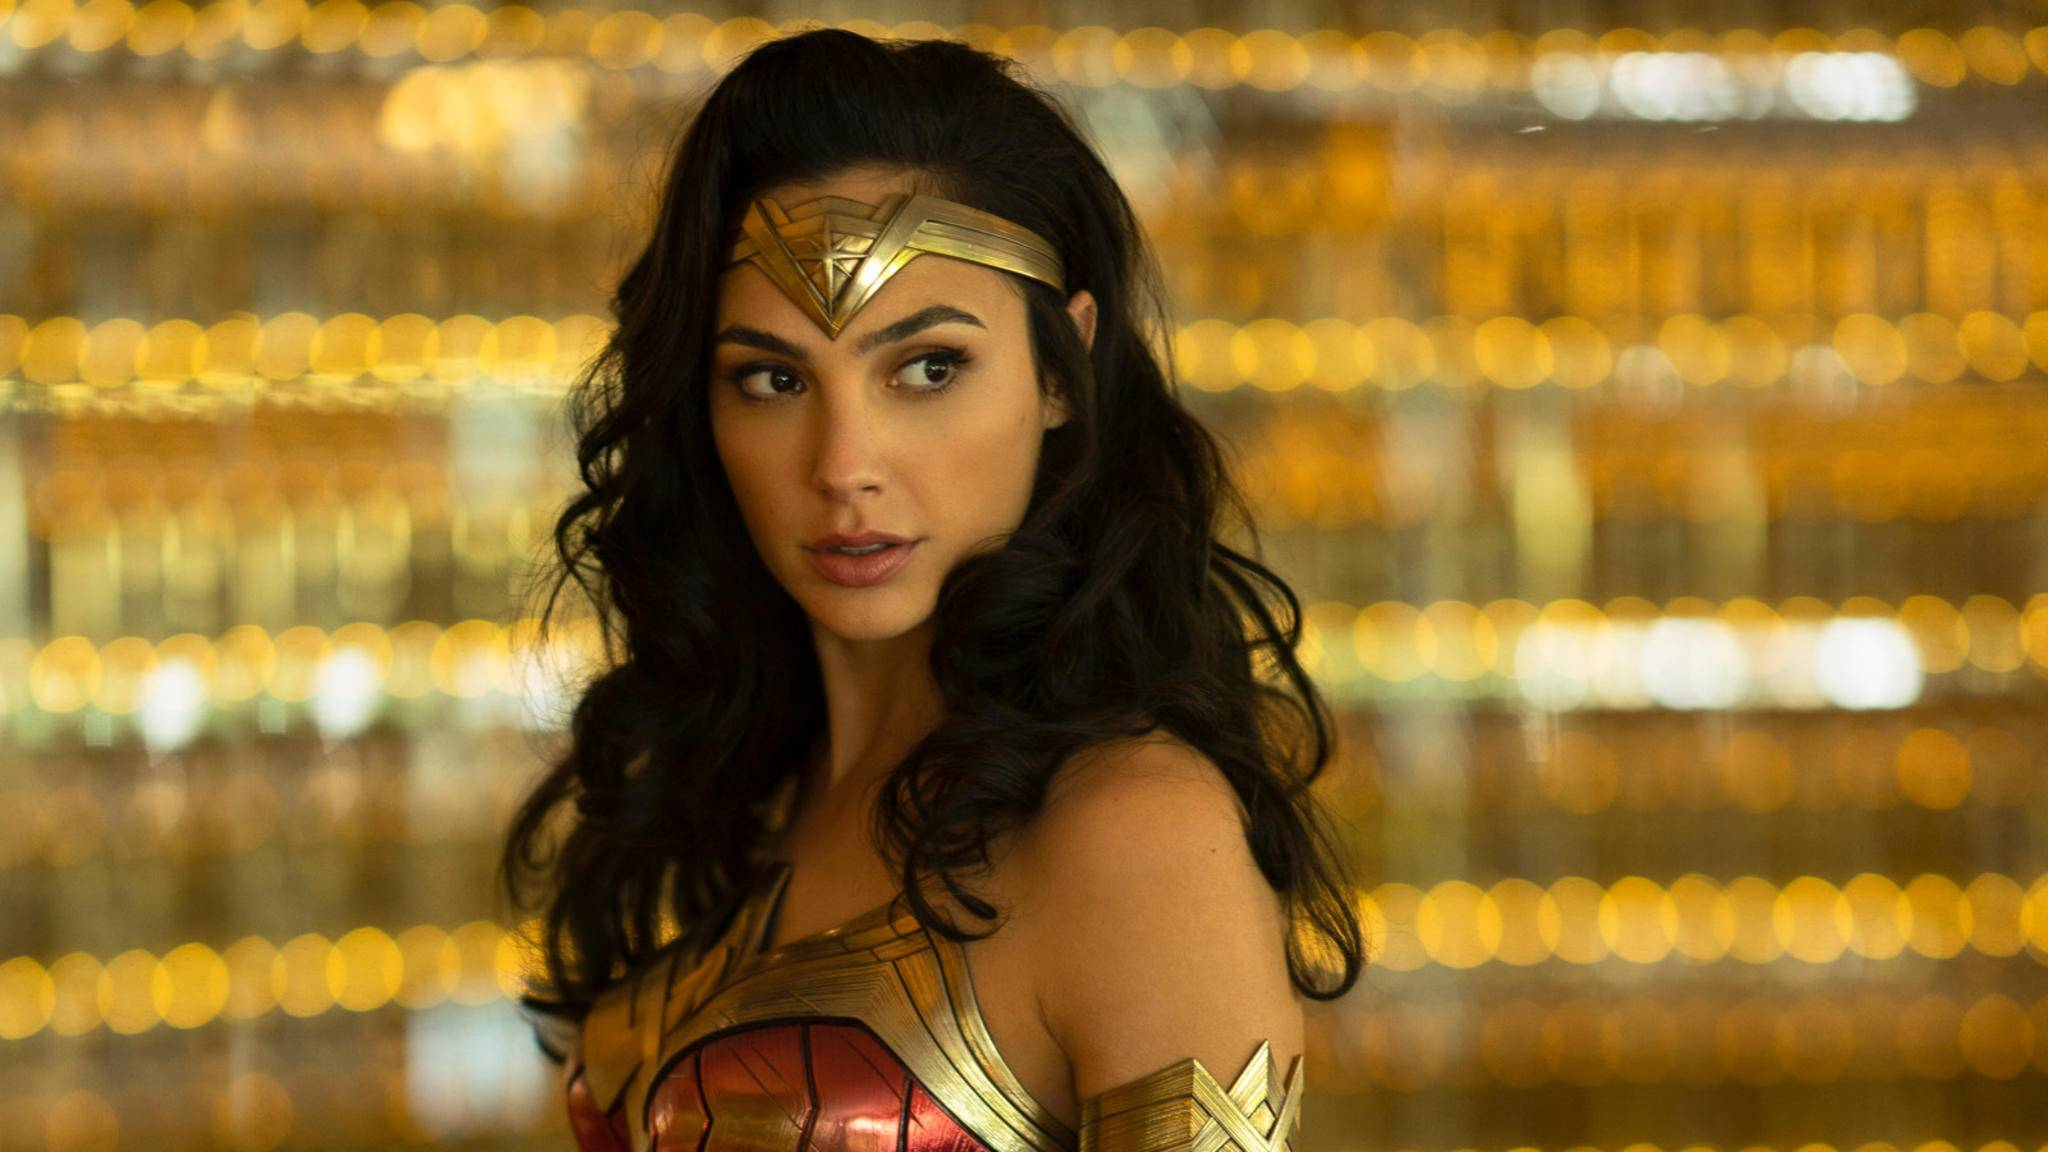 """Für ihren ersten """"Wonder Woman""""-Film baute Gal Gadot mit hartem Training acht Kilogramm Muskelmasse auf! 2020 startet das Sequel """"Wonder Woman 1984""""."""